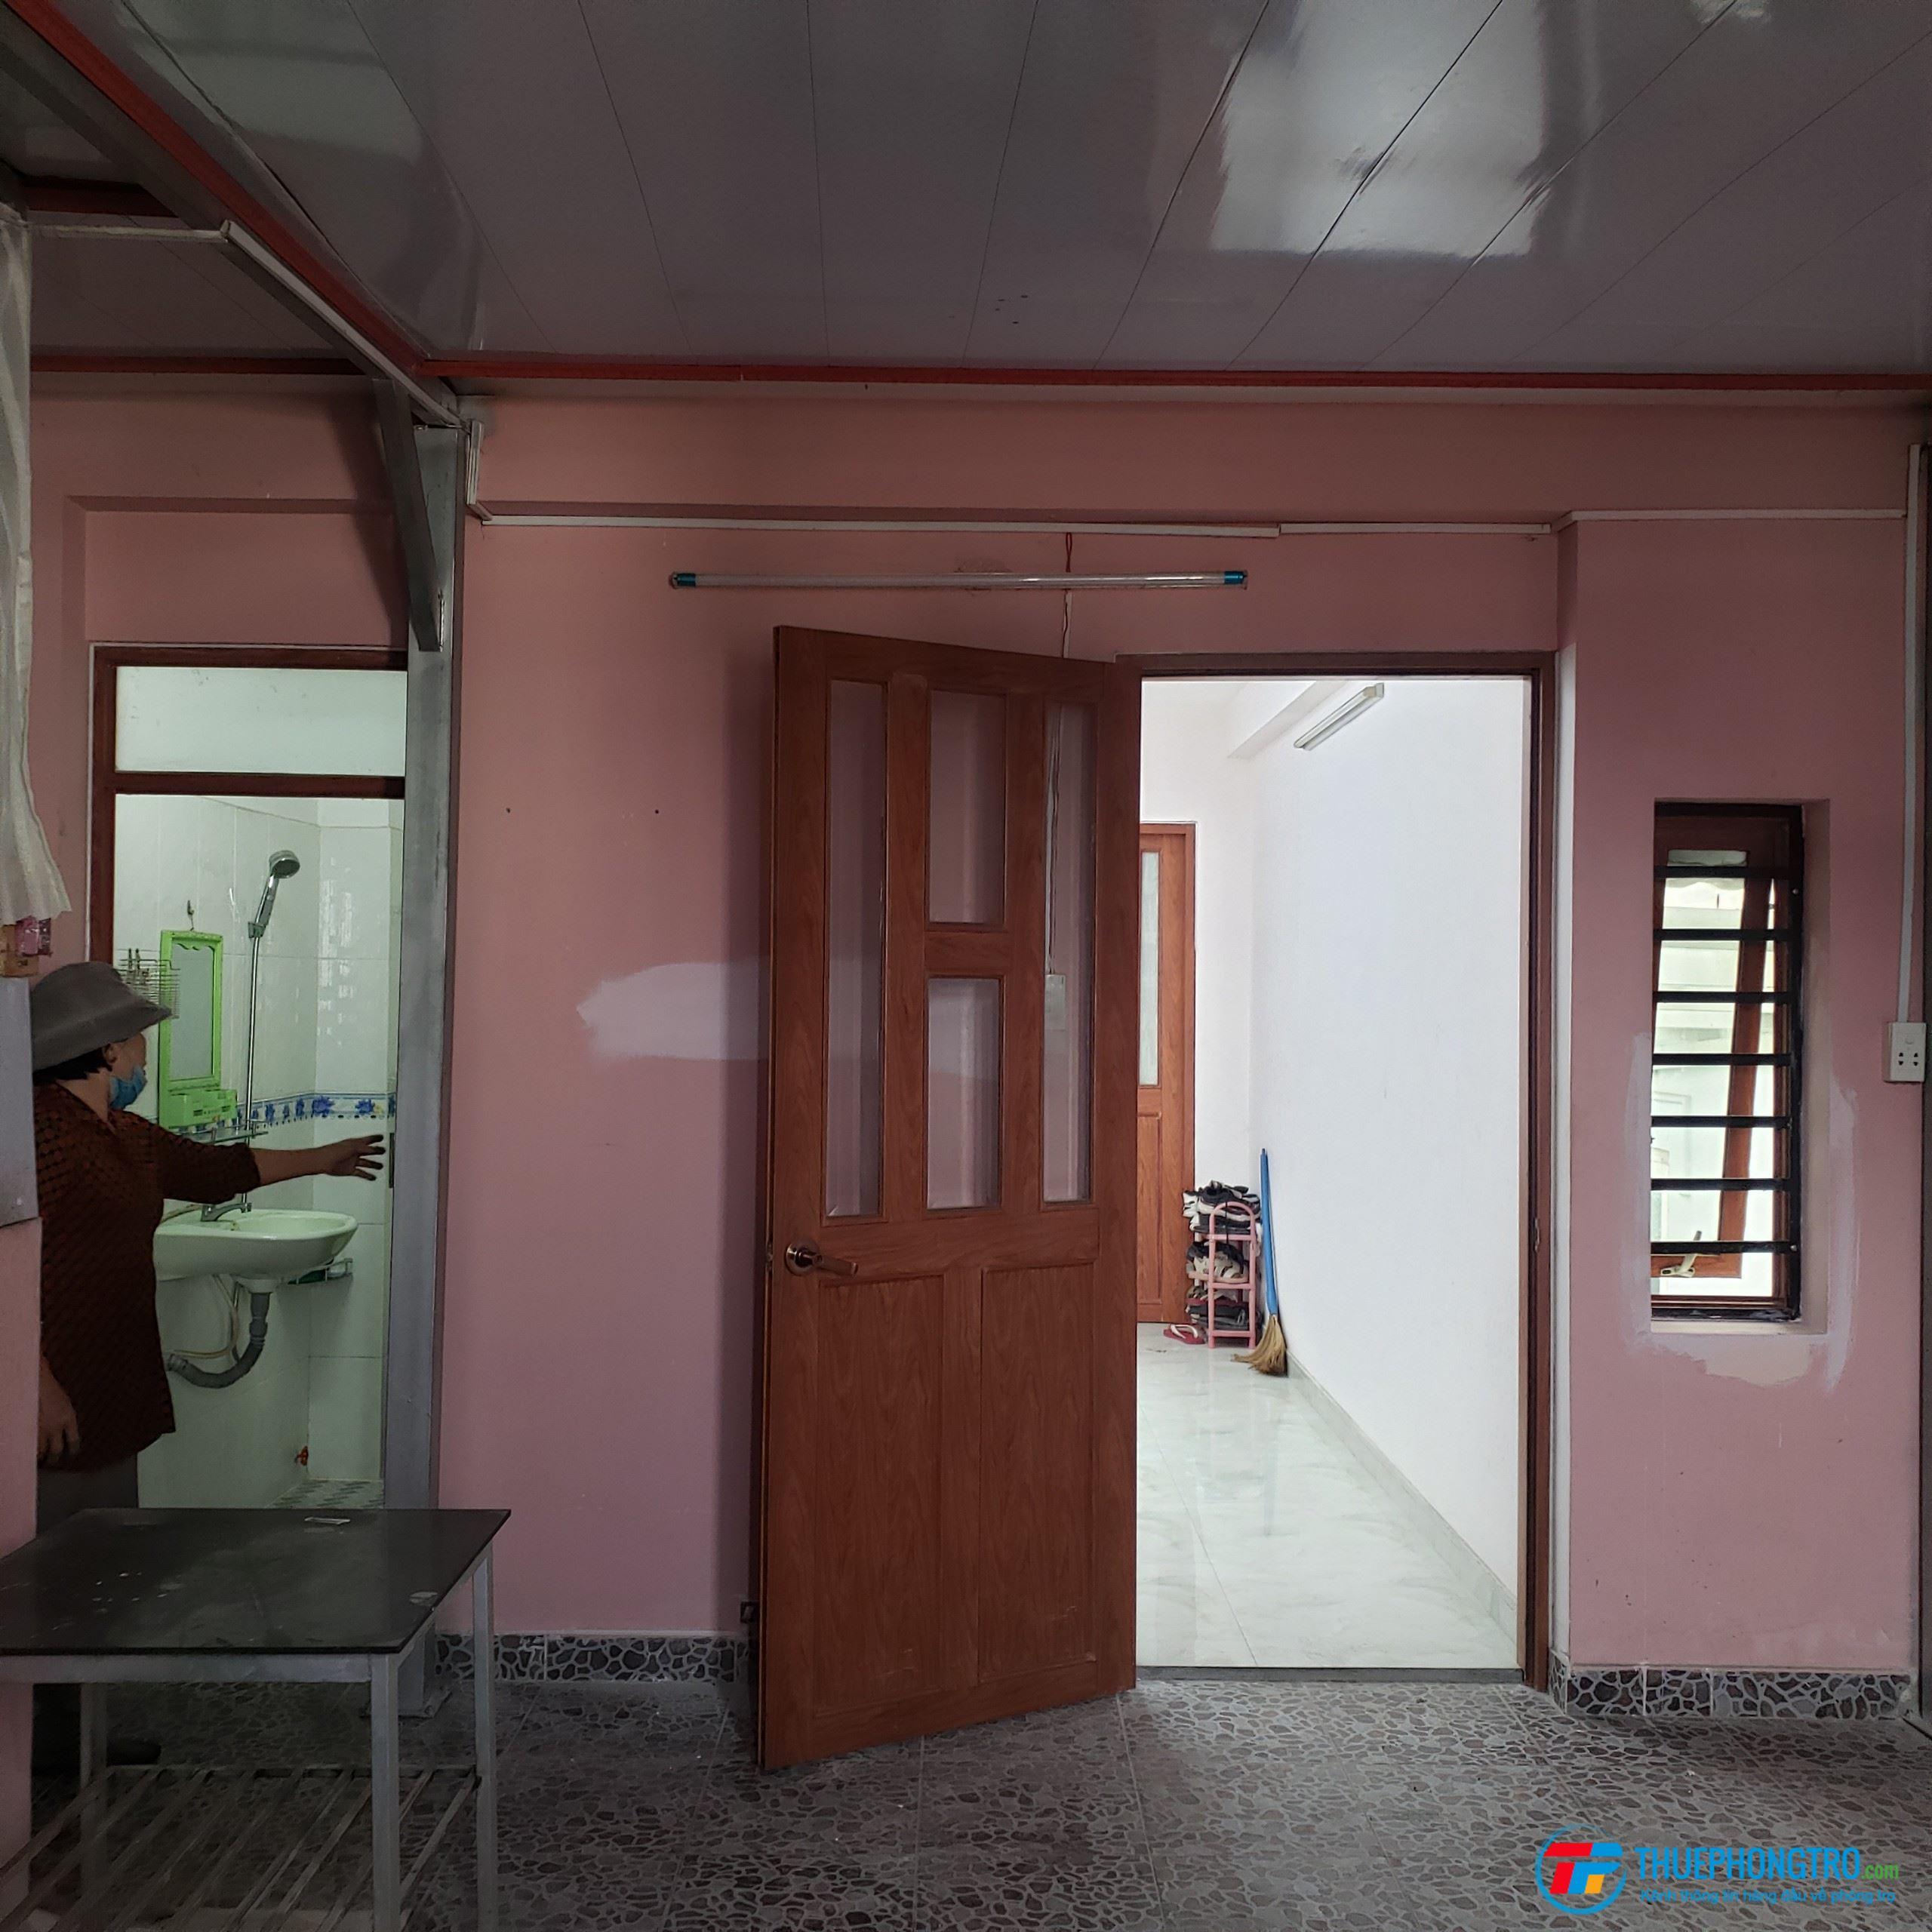 Phòng trọ nữ tại Trần Xuân Soạn (tình trạng tốt, nhà vệ sinh riêng)